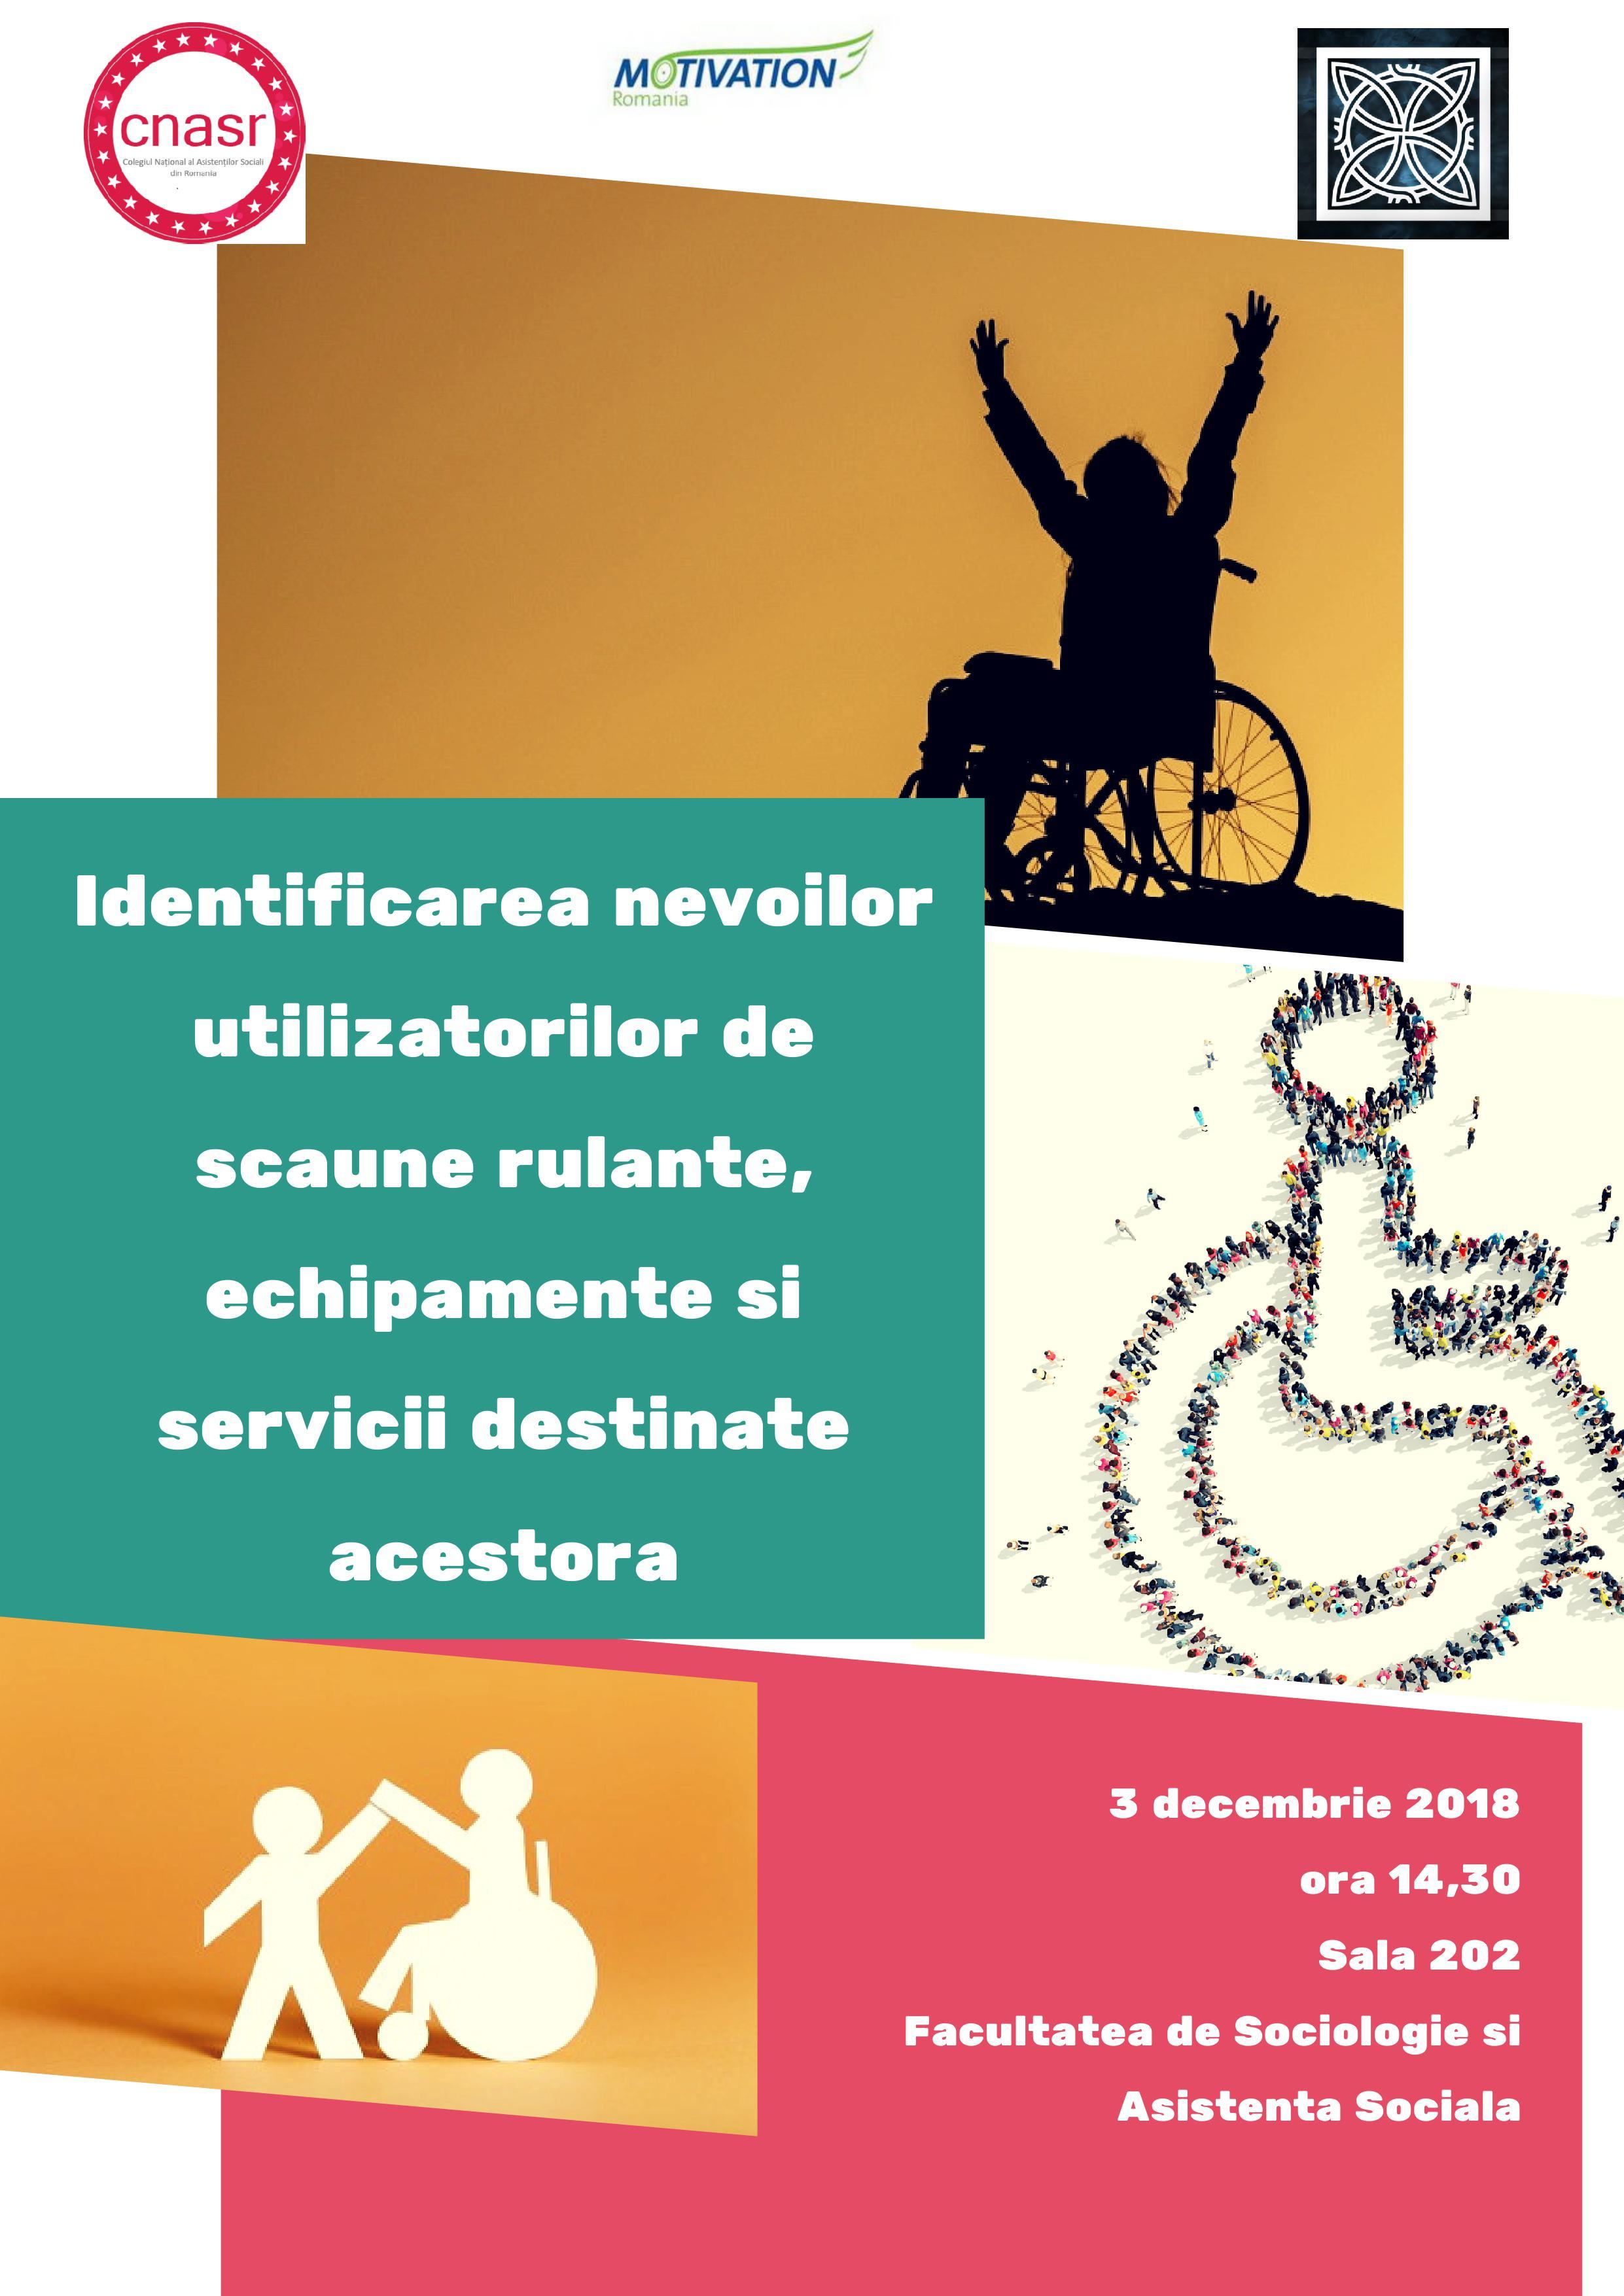 """Invitatie 3 decembrie Program DIALOGURI- """"Identificarea nevoilor utilizatorilor de scaune rulante, echipamente și servicii destinate acestora"""""""